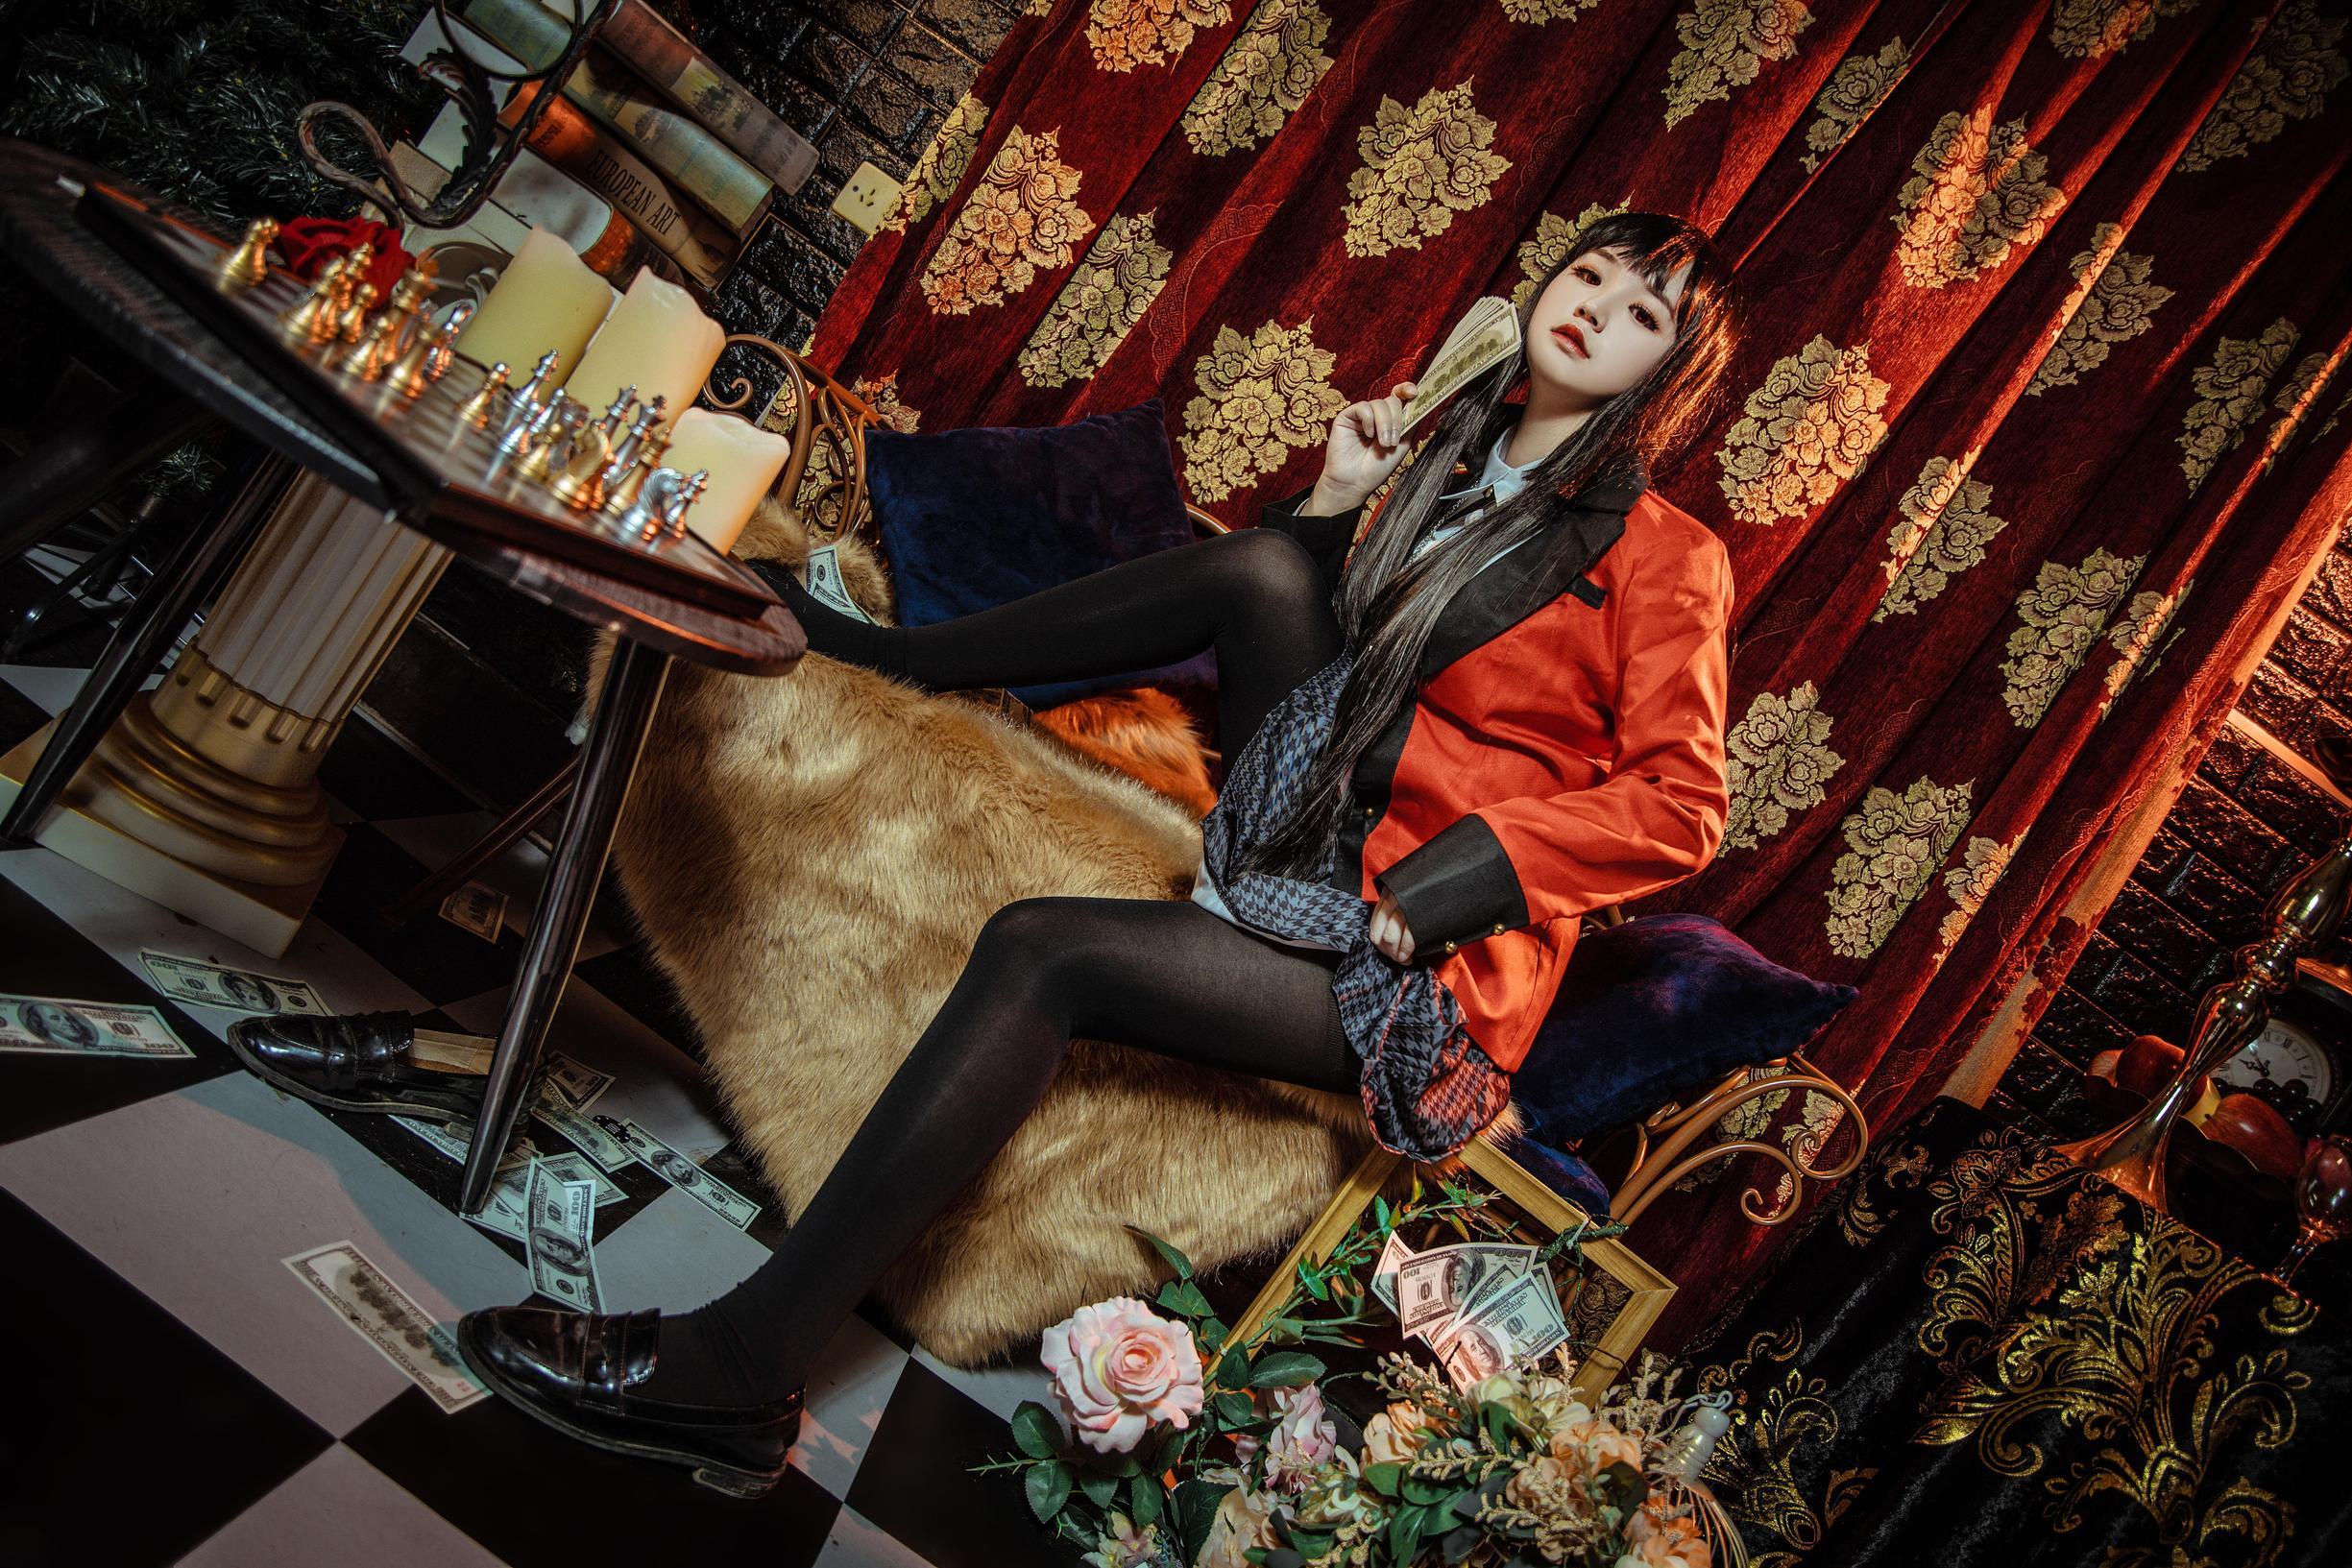 《狂赌之渊》正片cosplay【CN:北殿北】 -炽天使cosplay图片插图